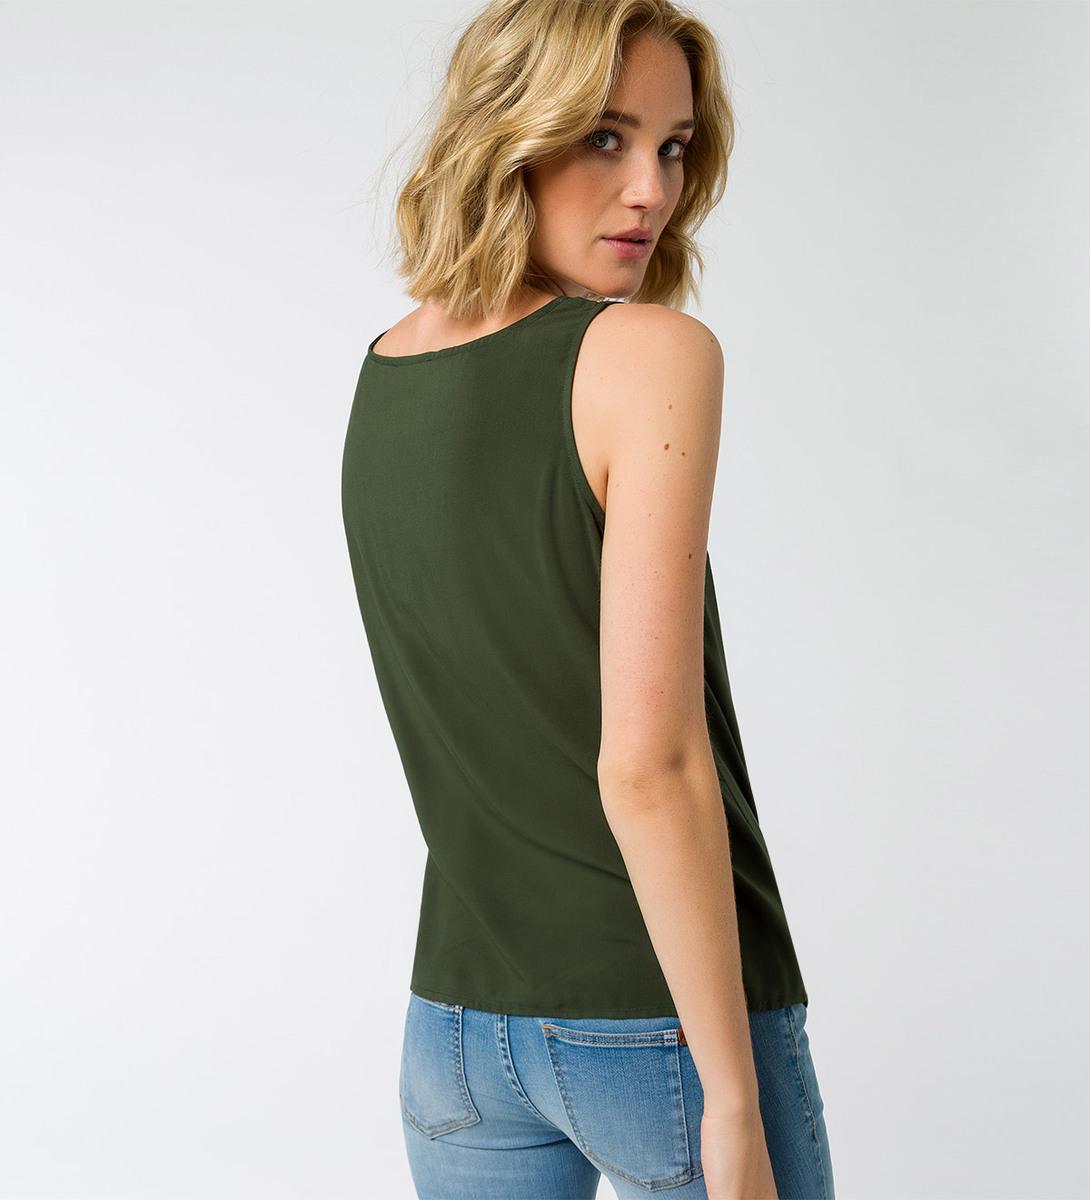 Bluse mit V-Ausschnitt in cypress olive